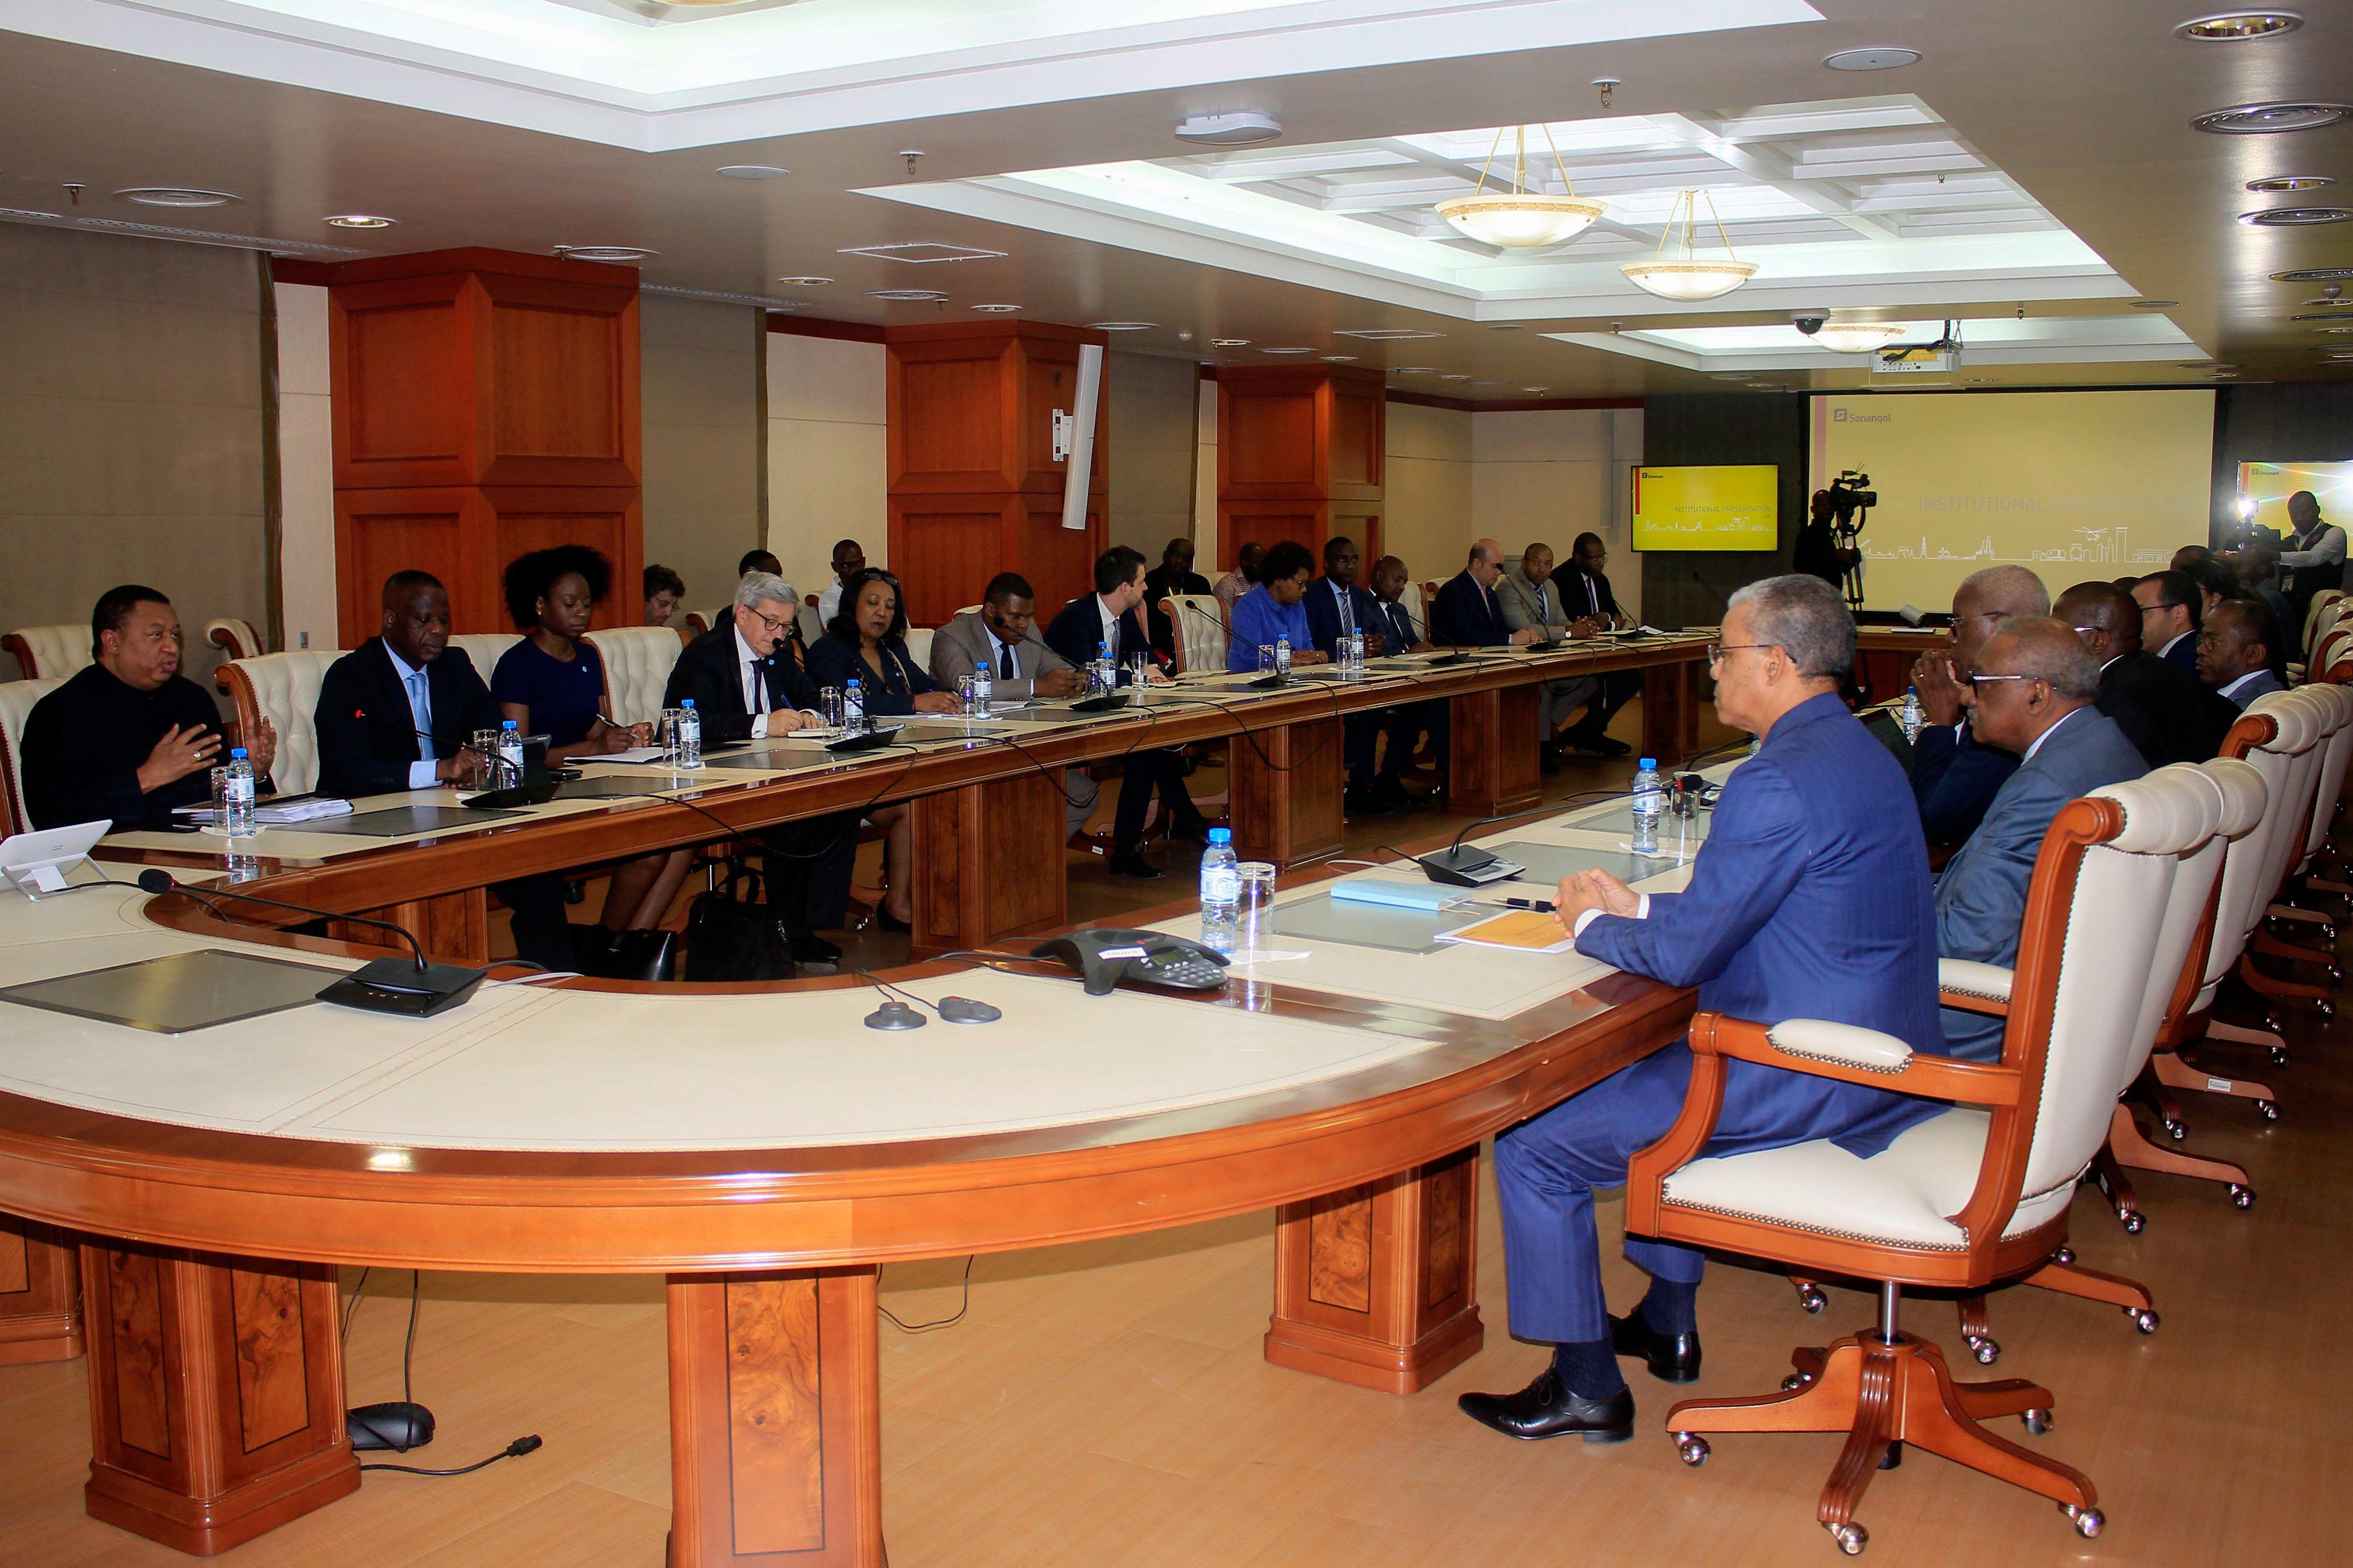 """Produtores de petróleo africano pedem acordo na OPEP para garantir """"sobrevivência da indústria"""""""